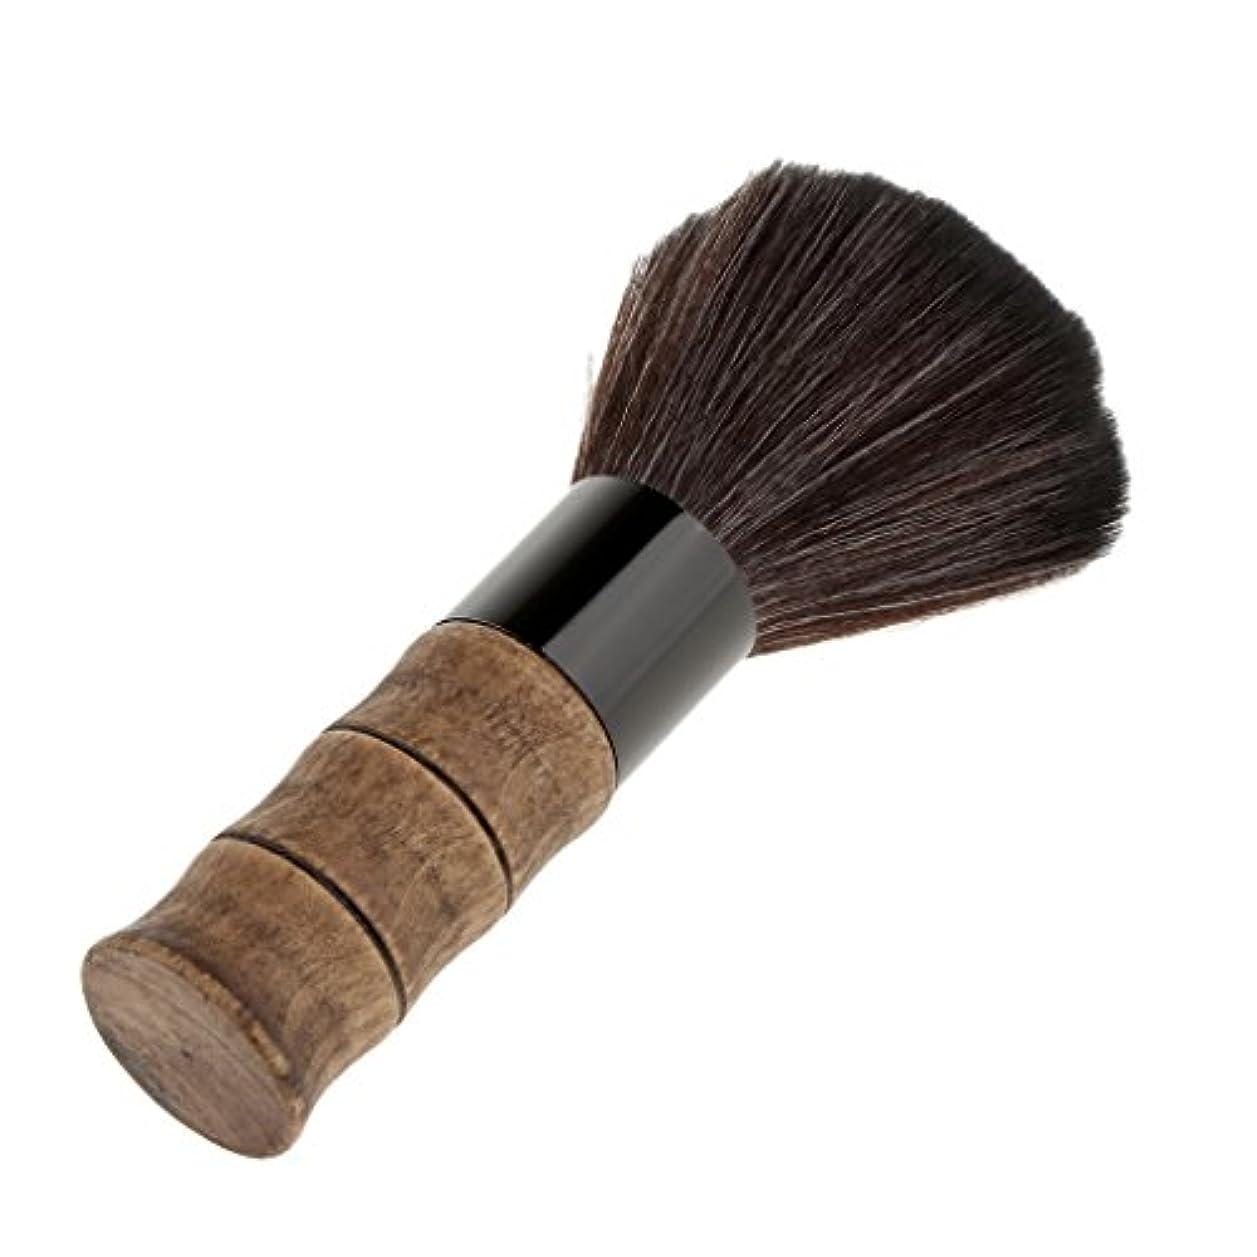 優先権フィット慣れているBaosity ブラシ シェービングブラシ メイクブラシ ソフト 超柔らかい 繊維 洗顔 木製ハンドル 泡立ち 2色選べる  - ブラック